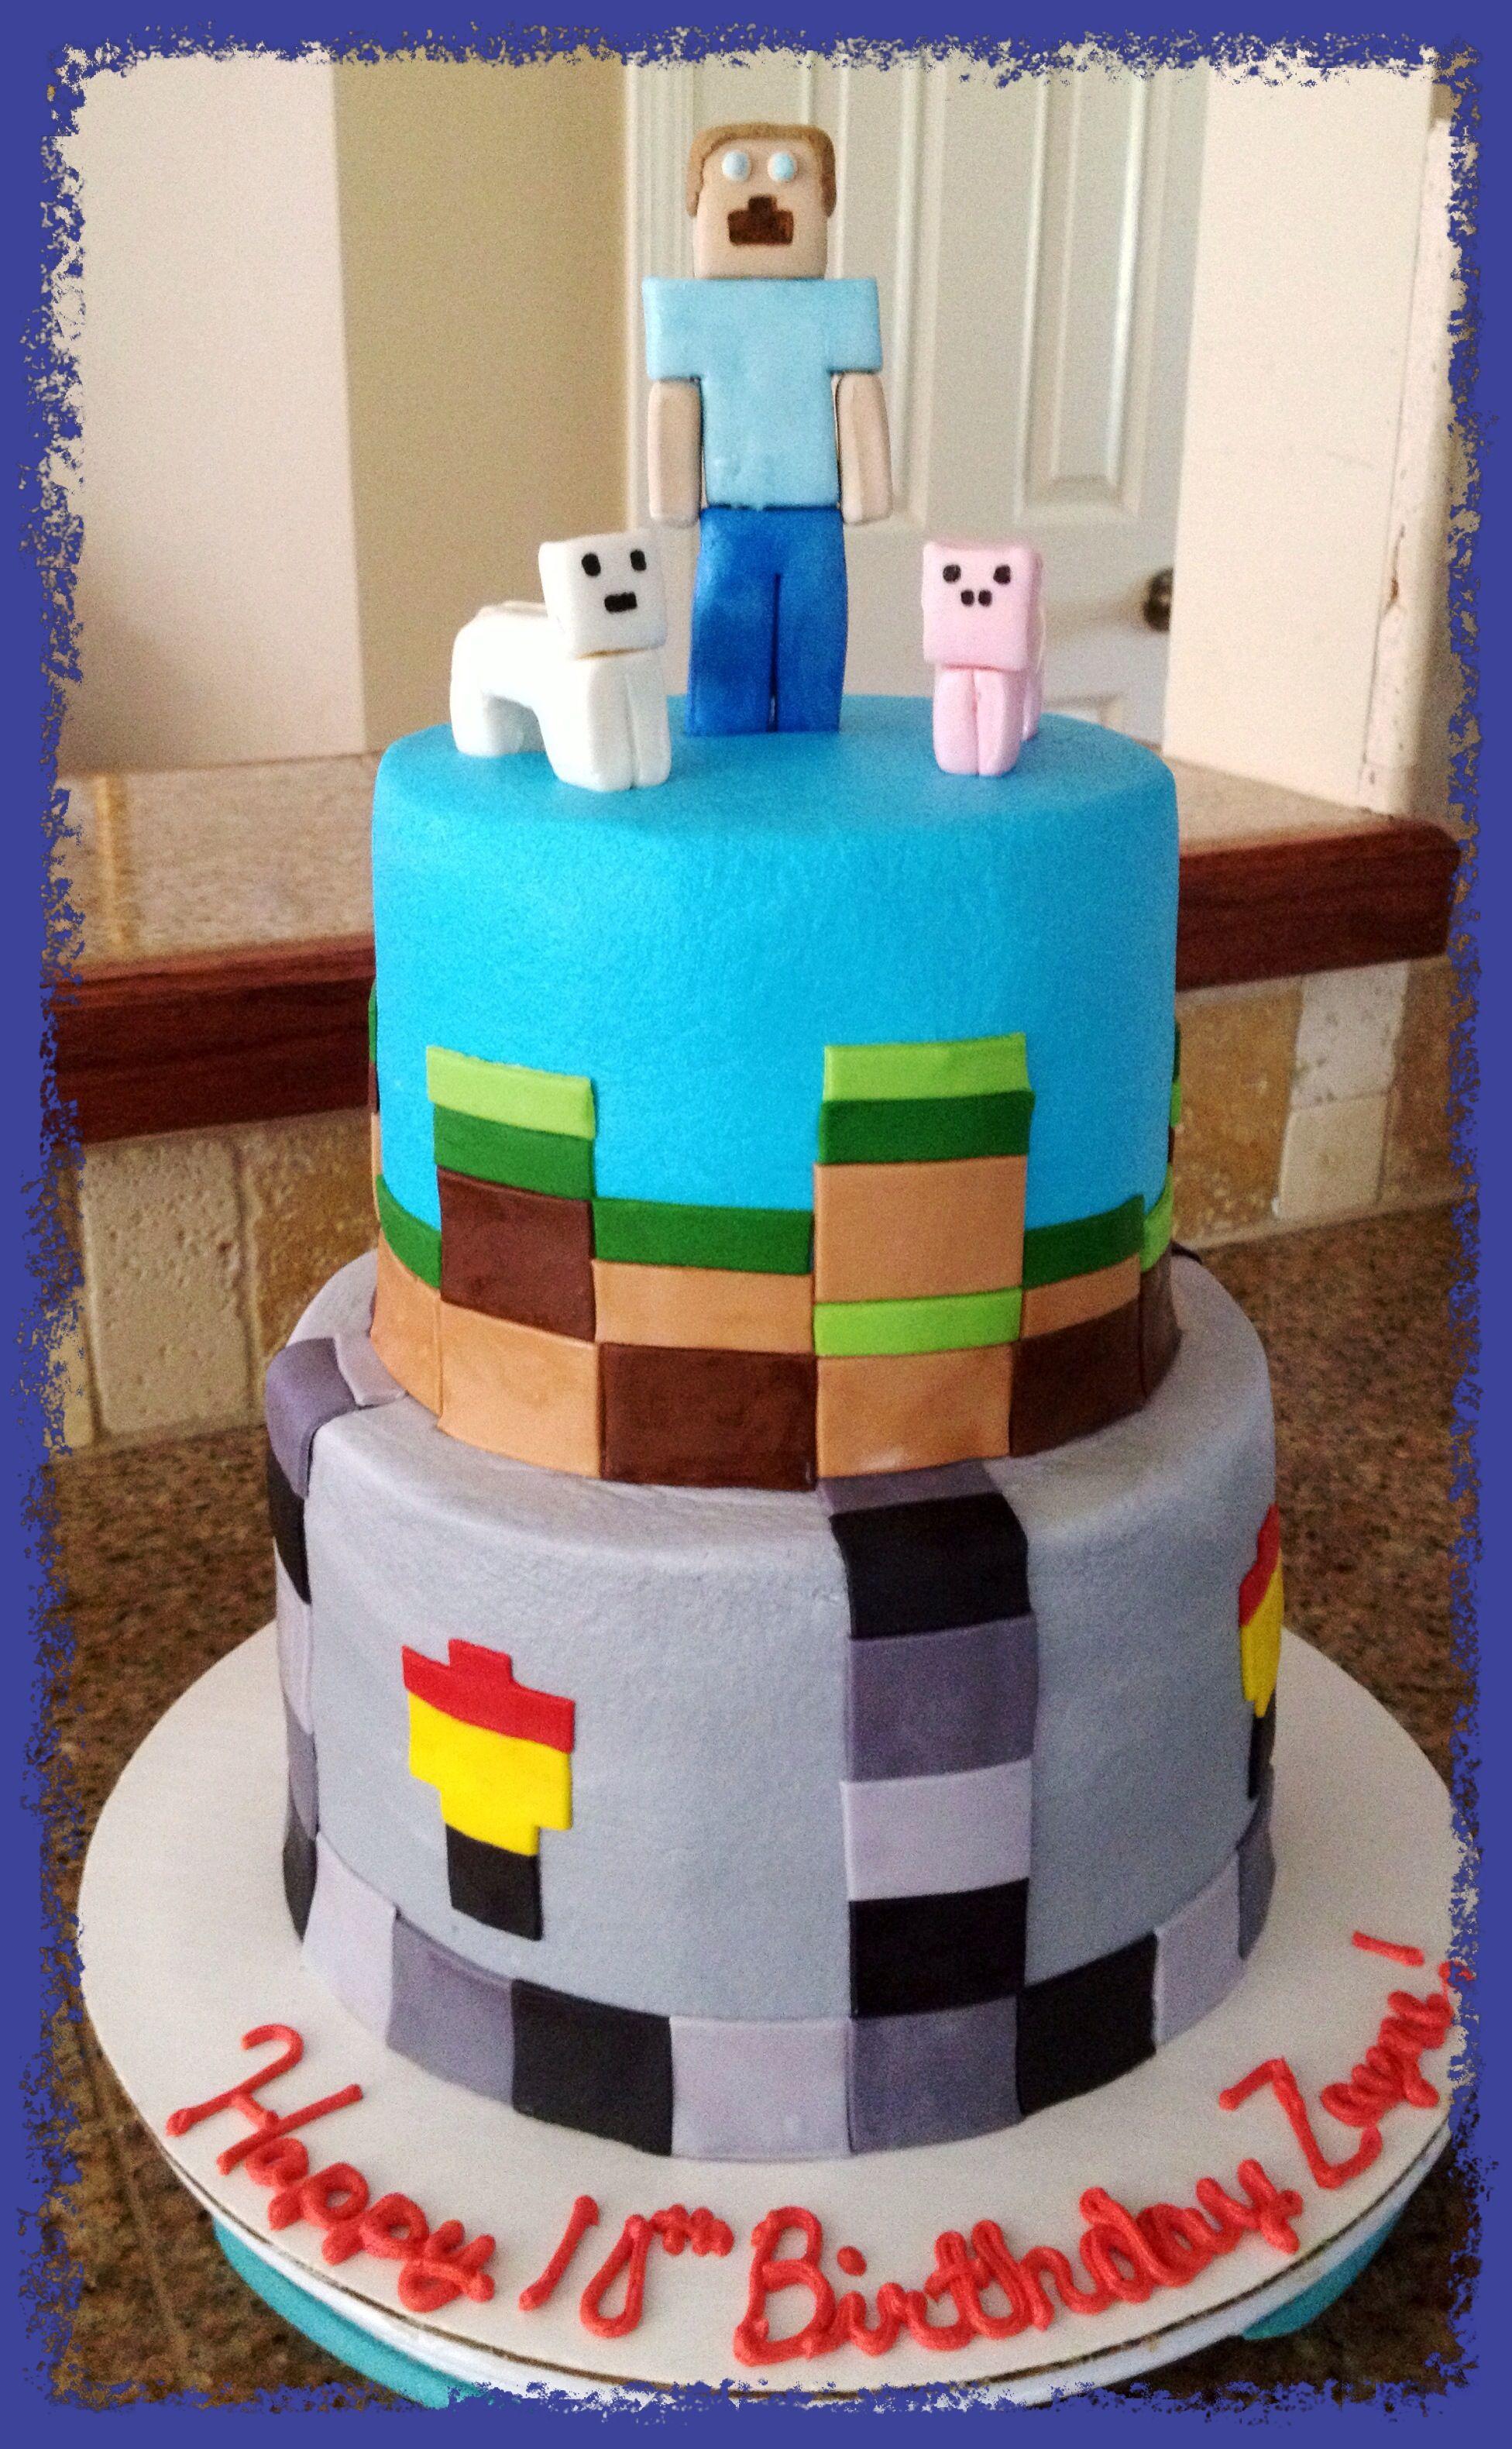 Minecraft Birthday Cake Bake Your Day Llc Alexandria La Www